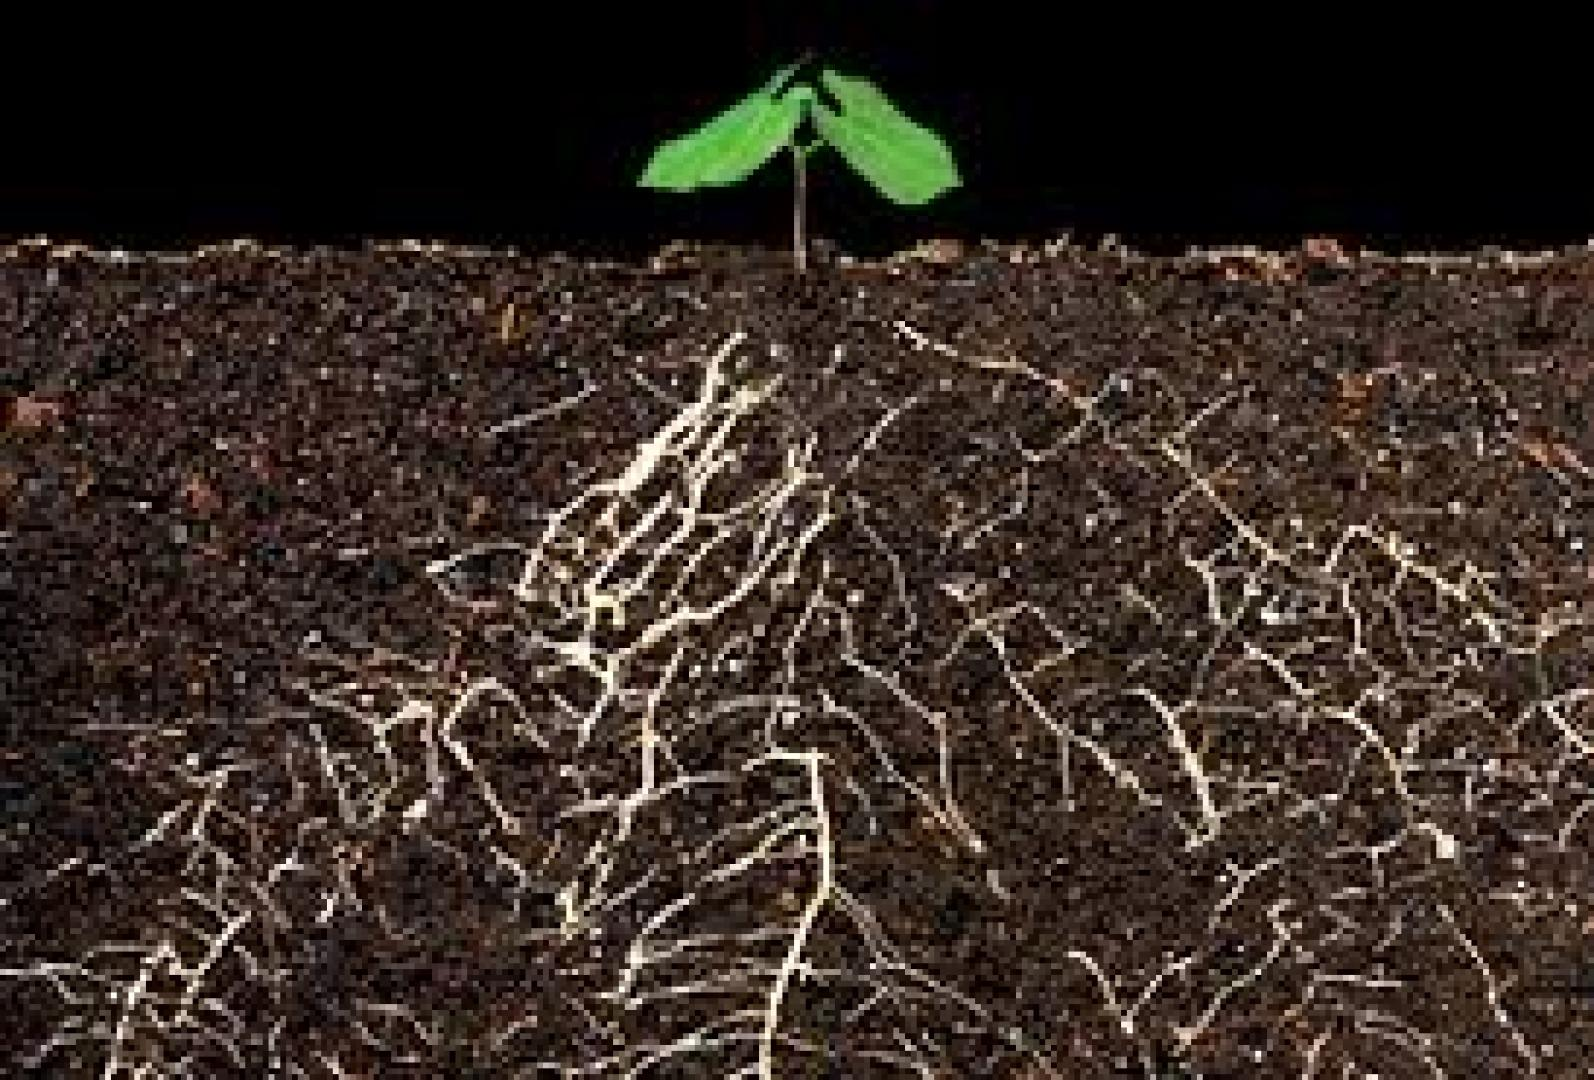 Organische stof en gewasopbrengsten, een nieuwe hypothese?